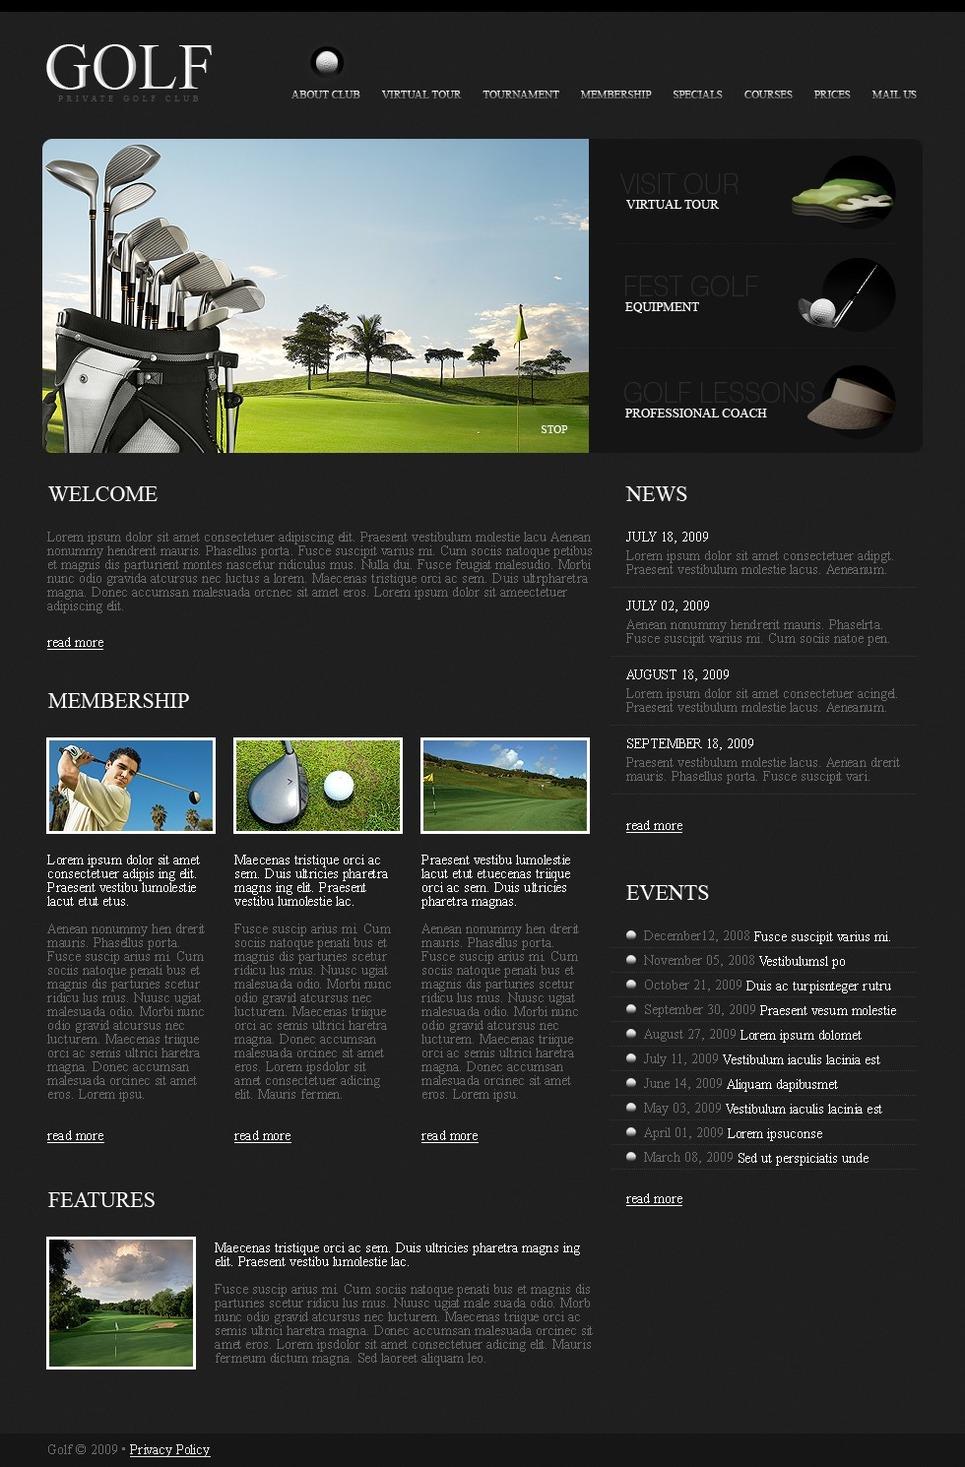 golf website template 24937. Black Bedroom Furniture Sets. Home Design Ideas